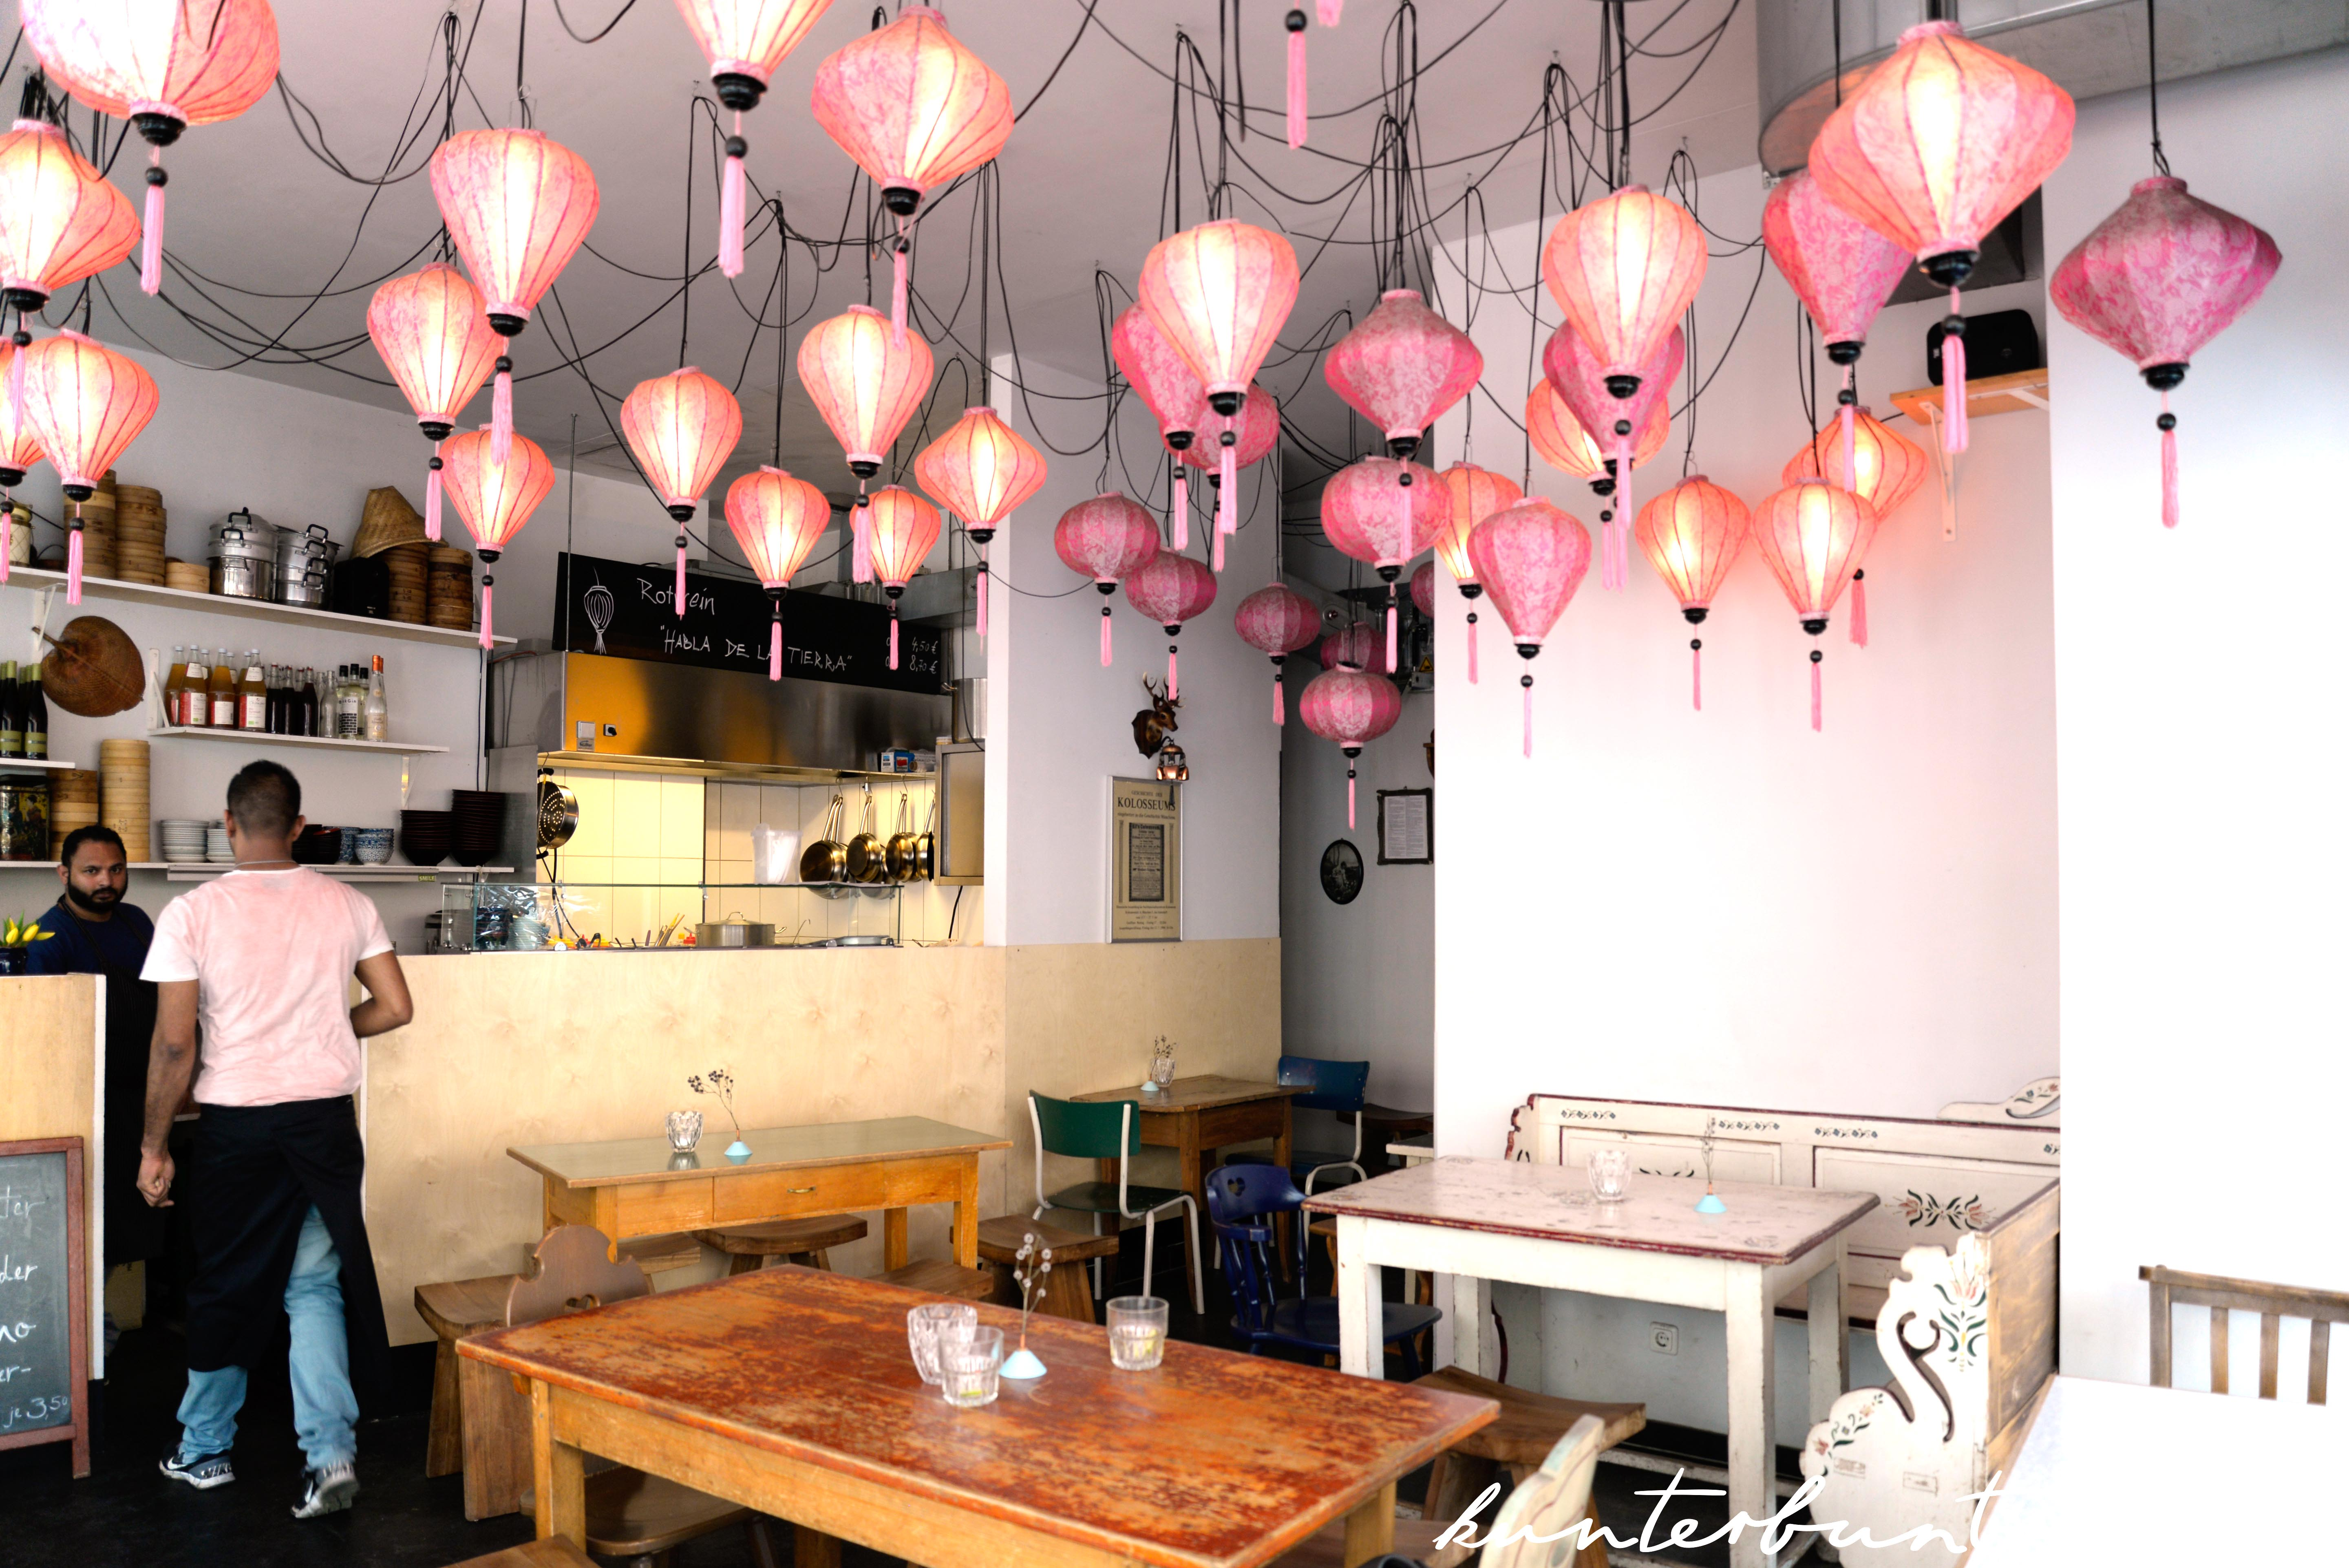 Restaurant Tipp München: Fei Scho – Vietnam in Bayern ...